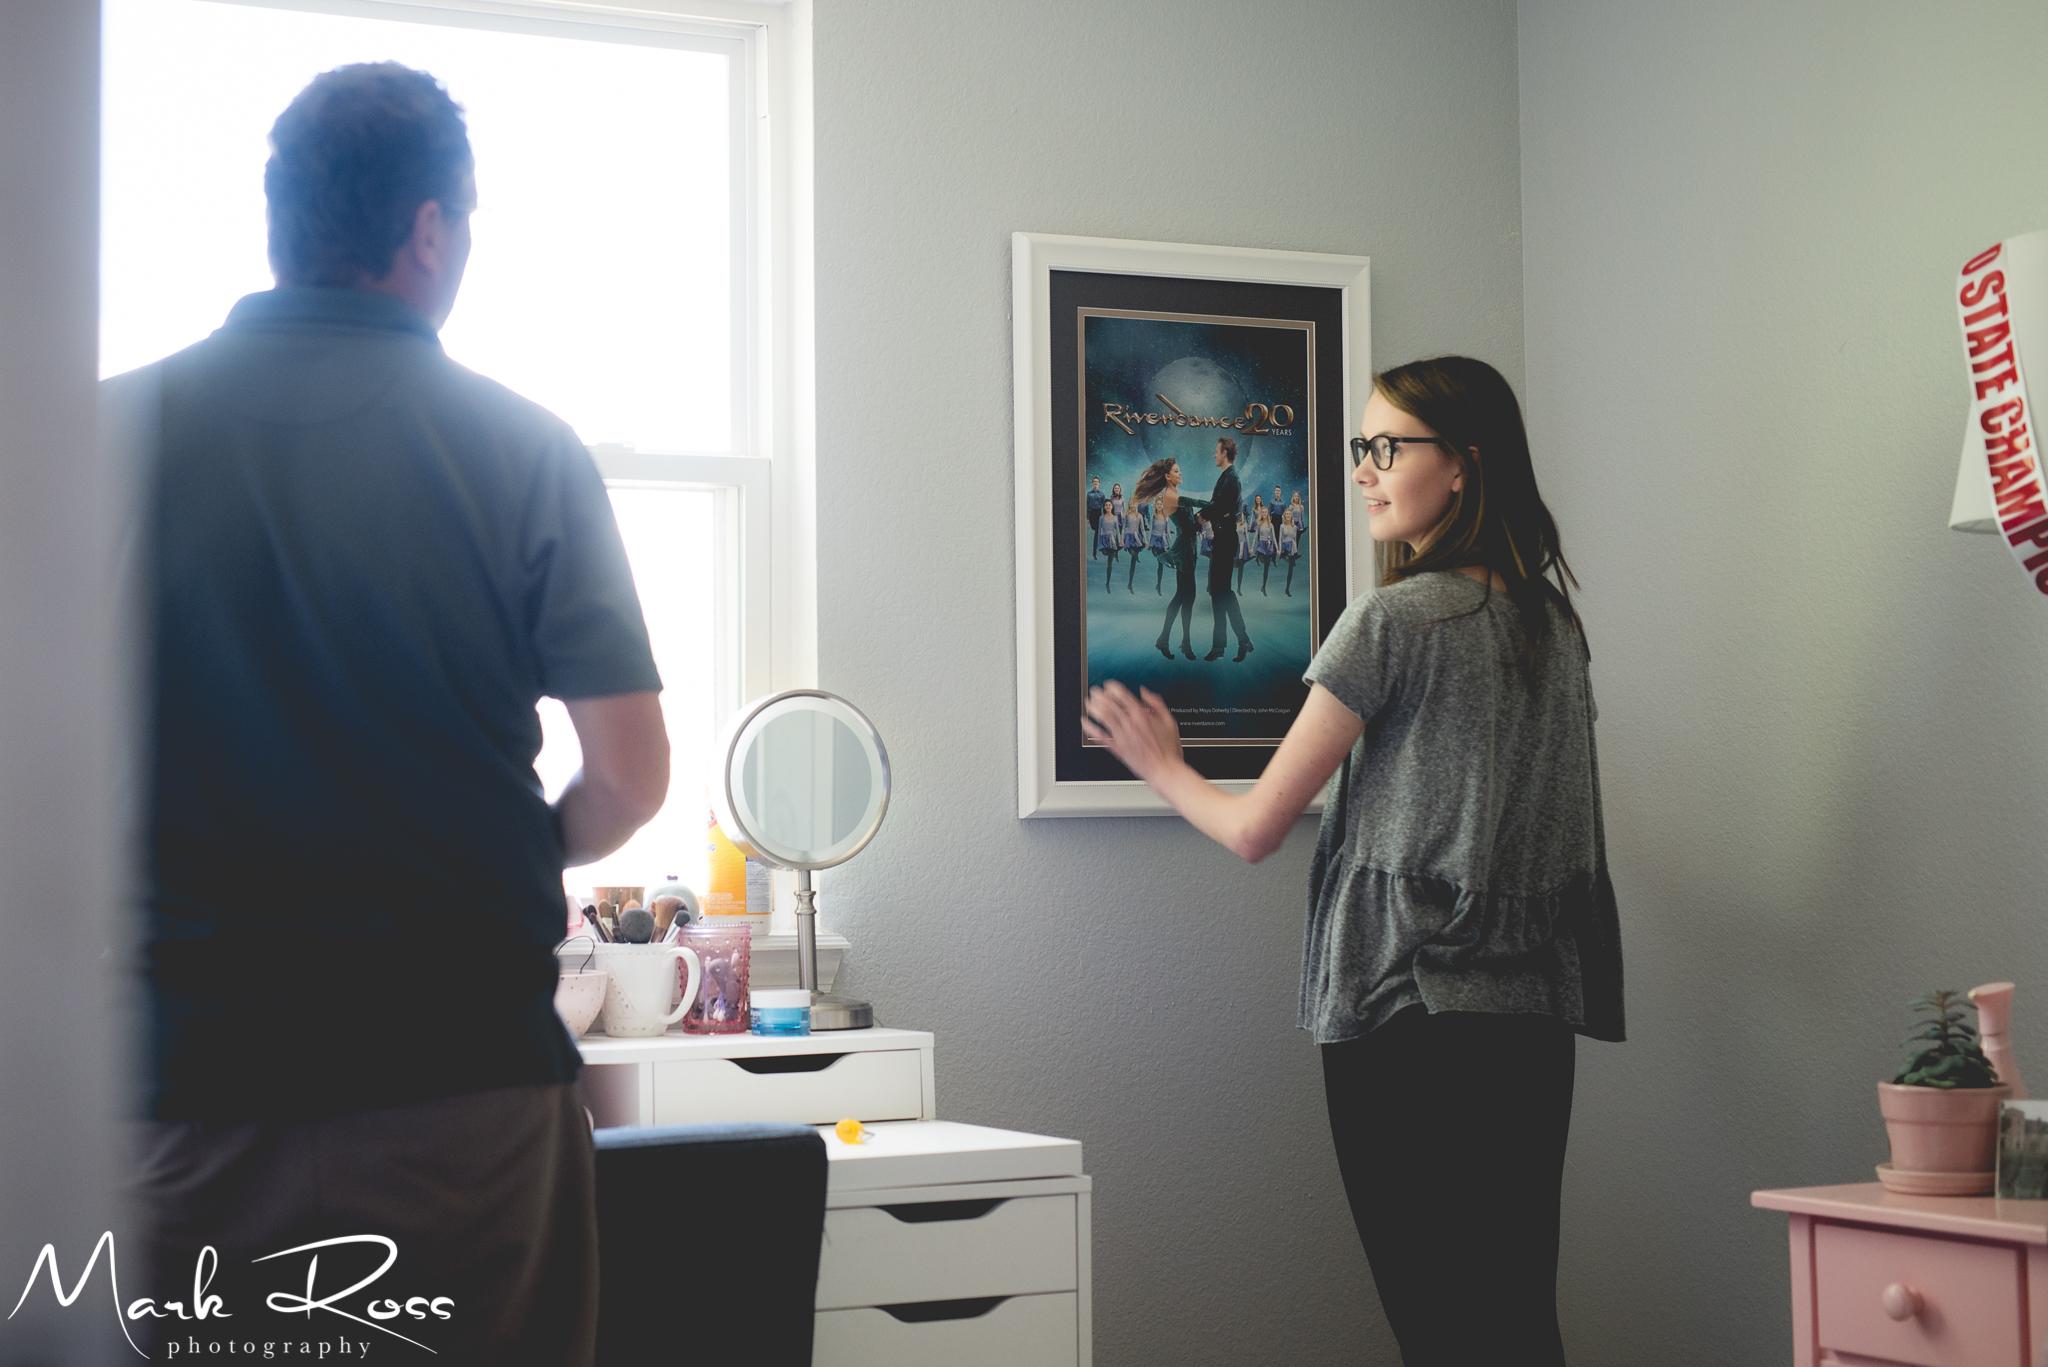 Denver-Family-Photographer-Mark-Ross-Photographer-Ahlstrand-Family-Watermarked-32.jpg